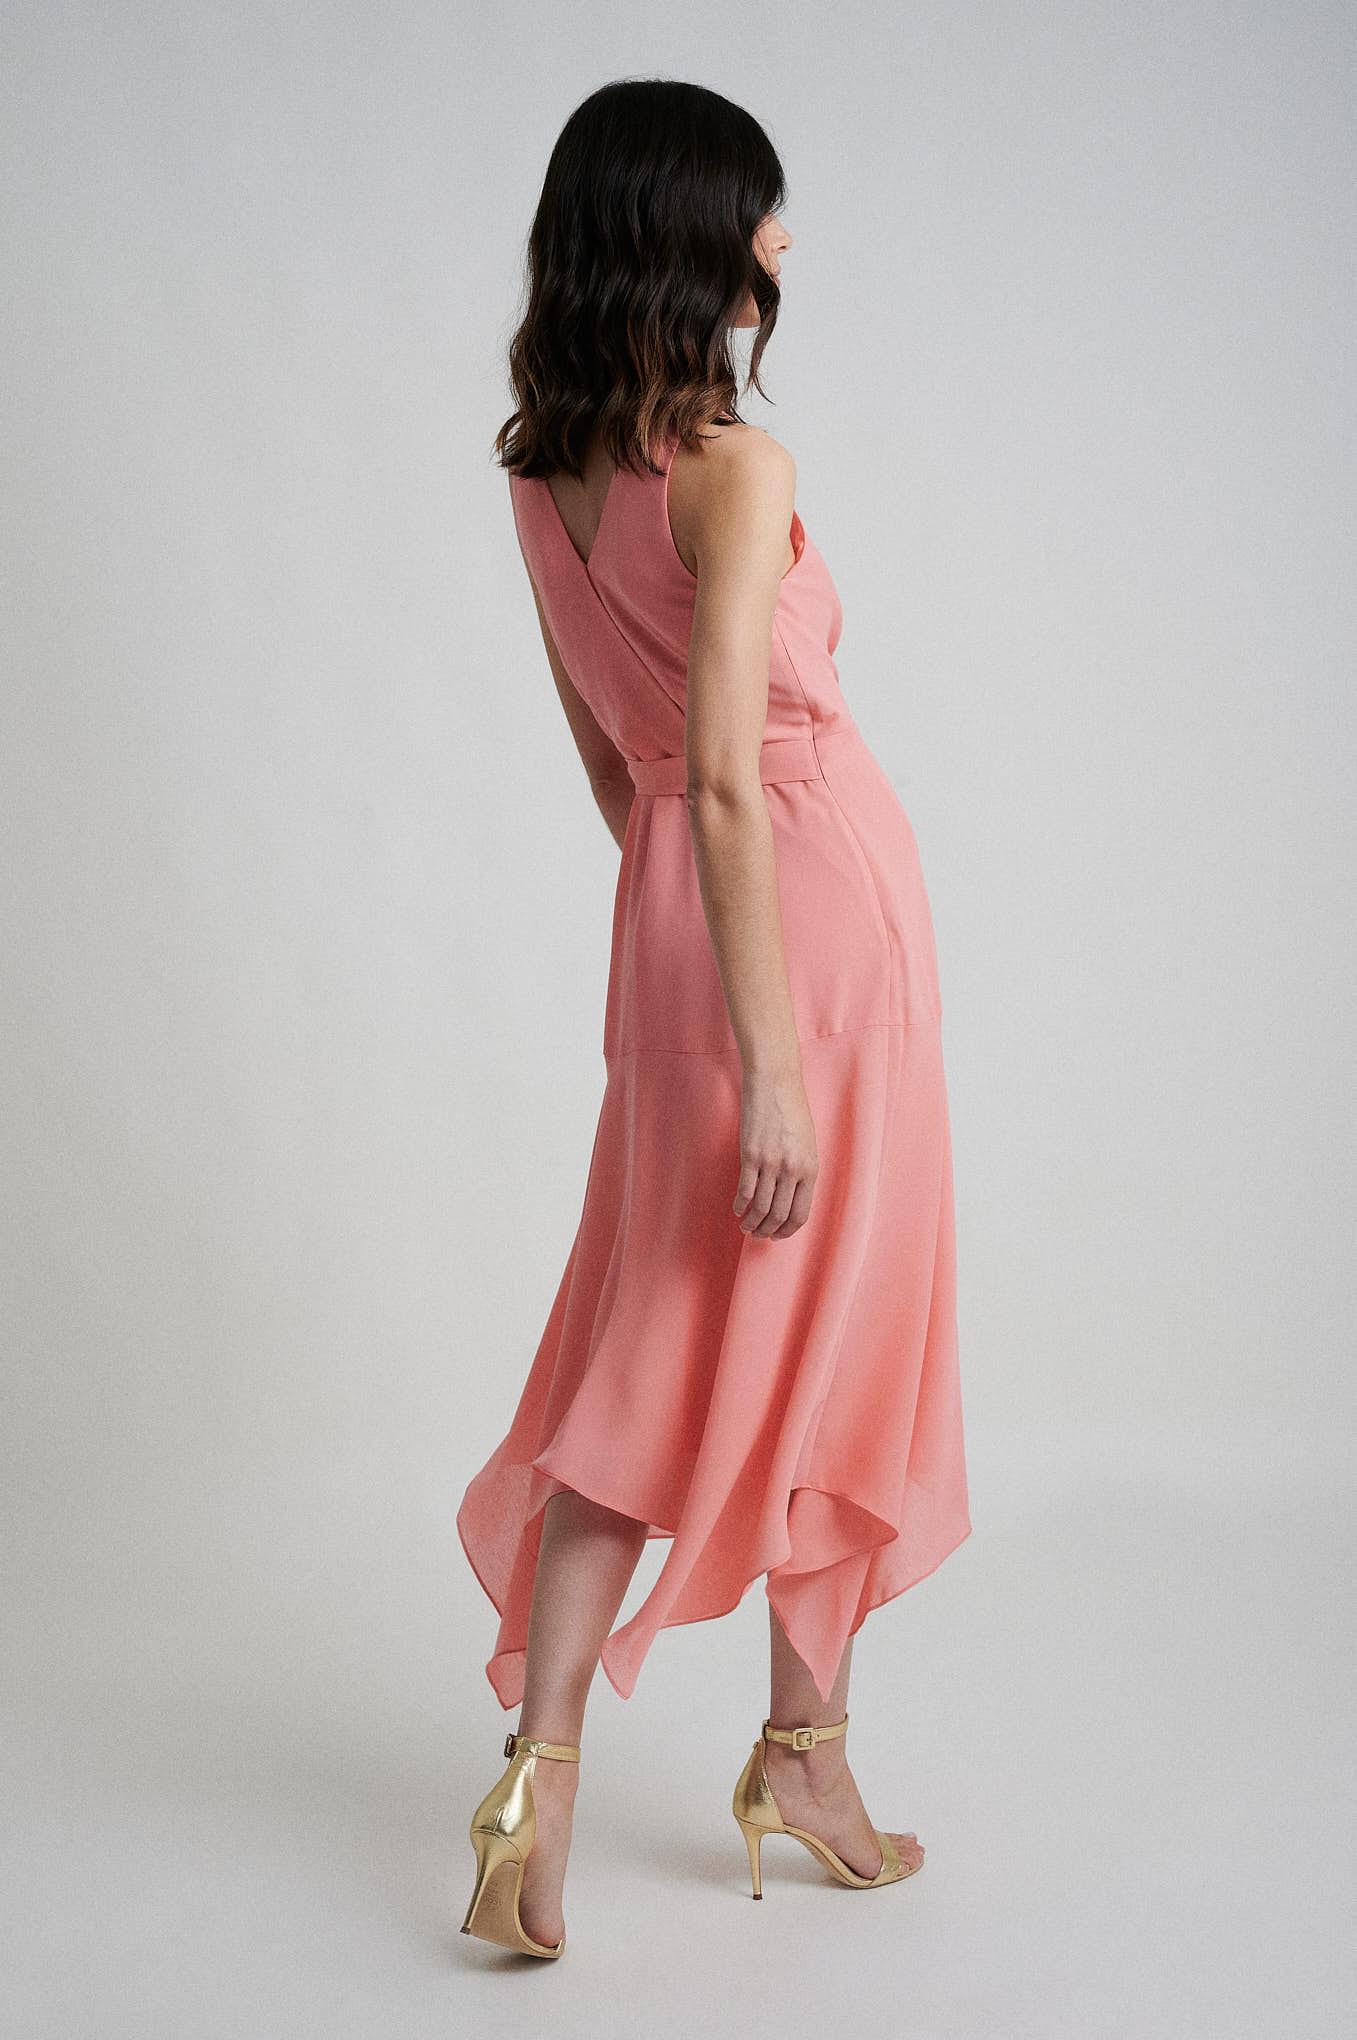 Dress Salmon Fantasy Woman